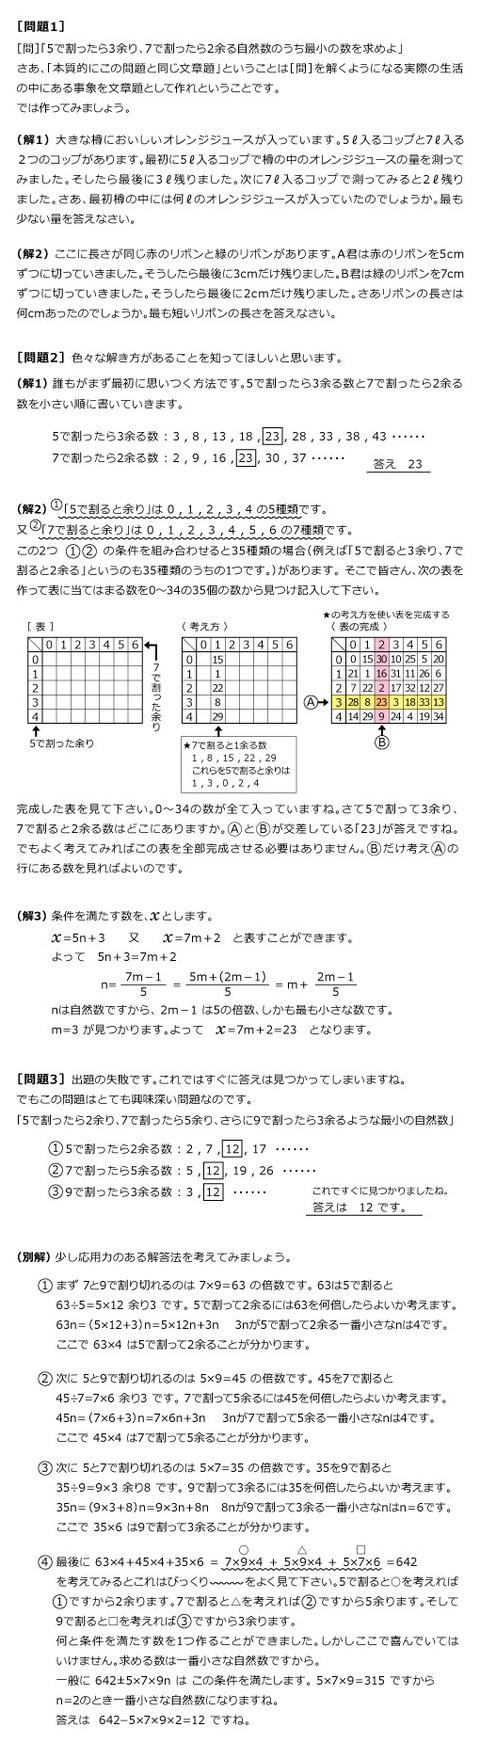 vol_7_1030